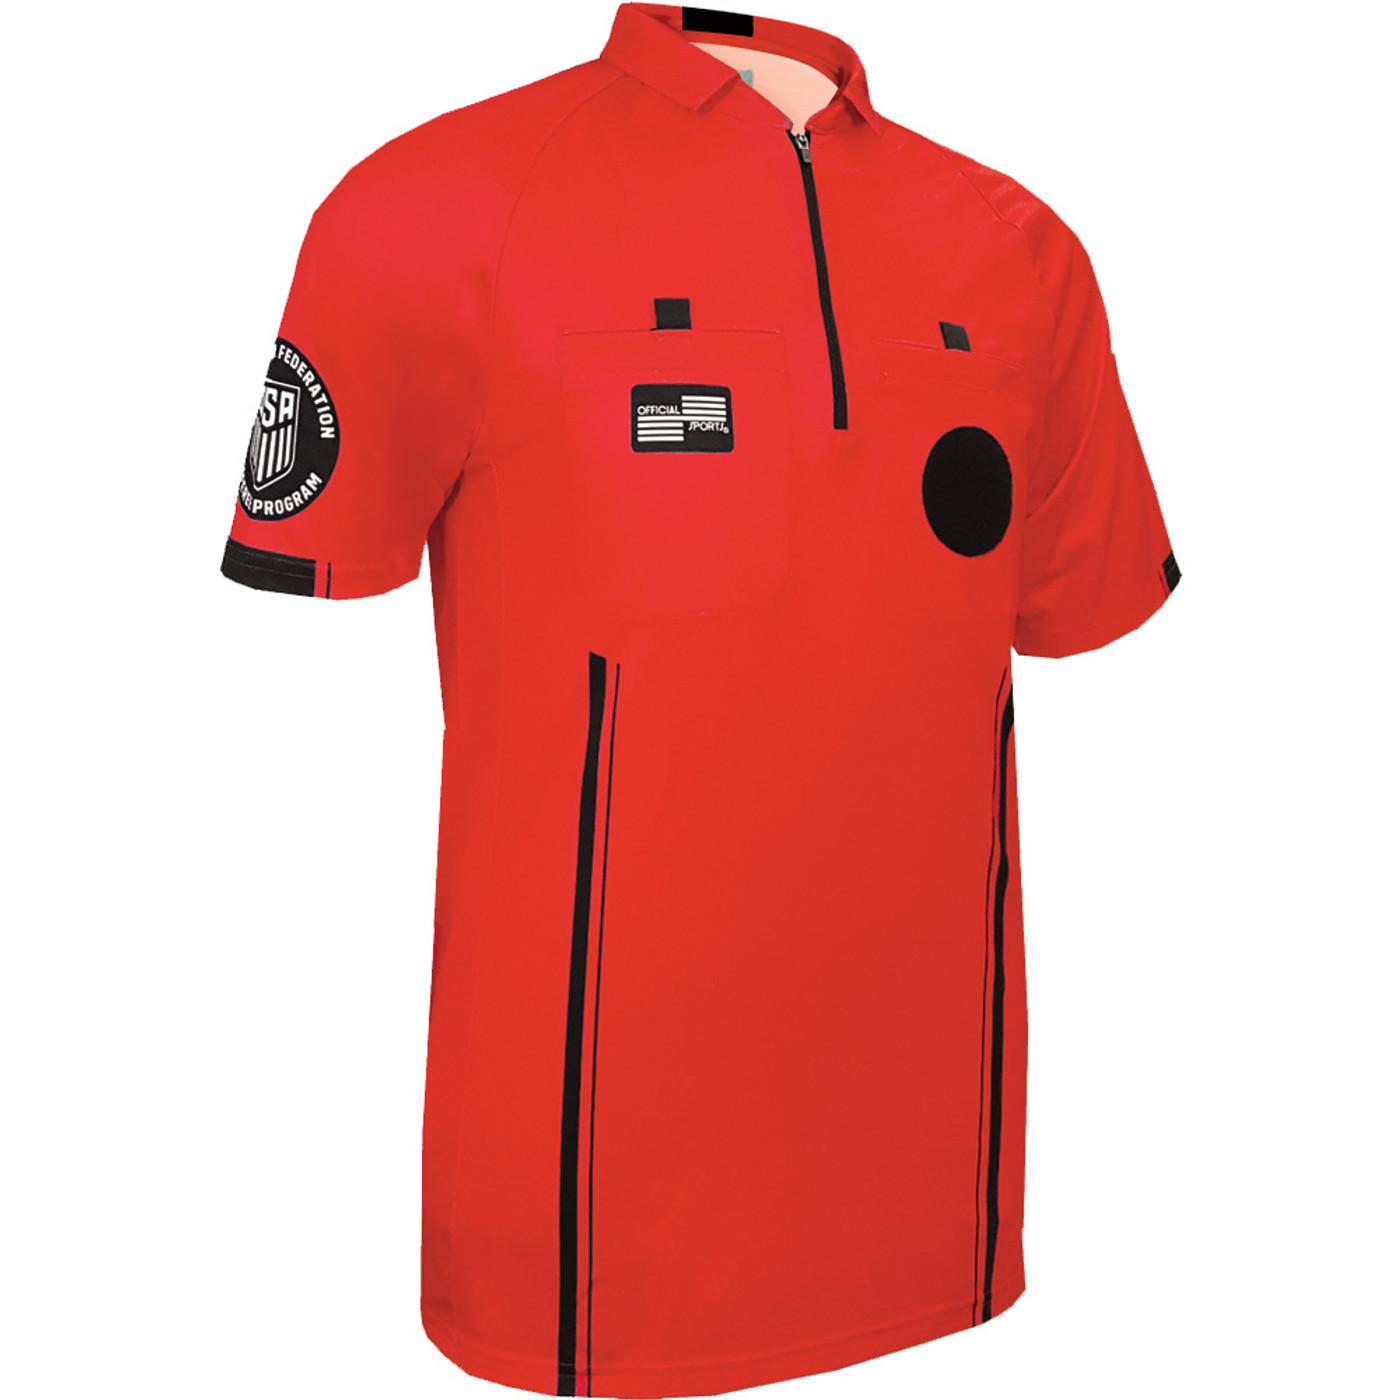 9900R Men's Red Pro Short Sleeve Kit